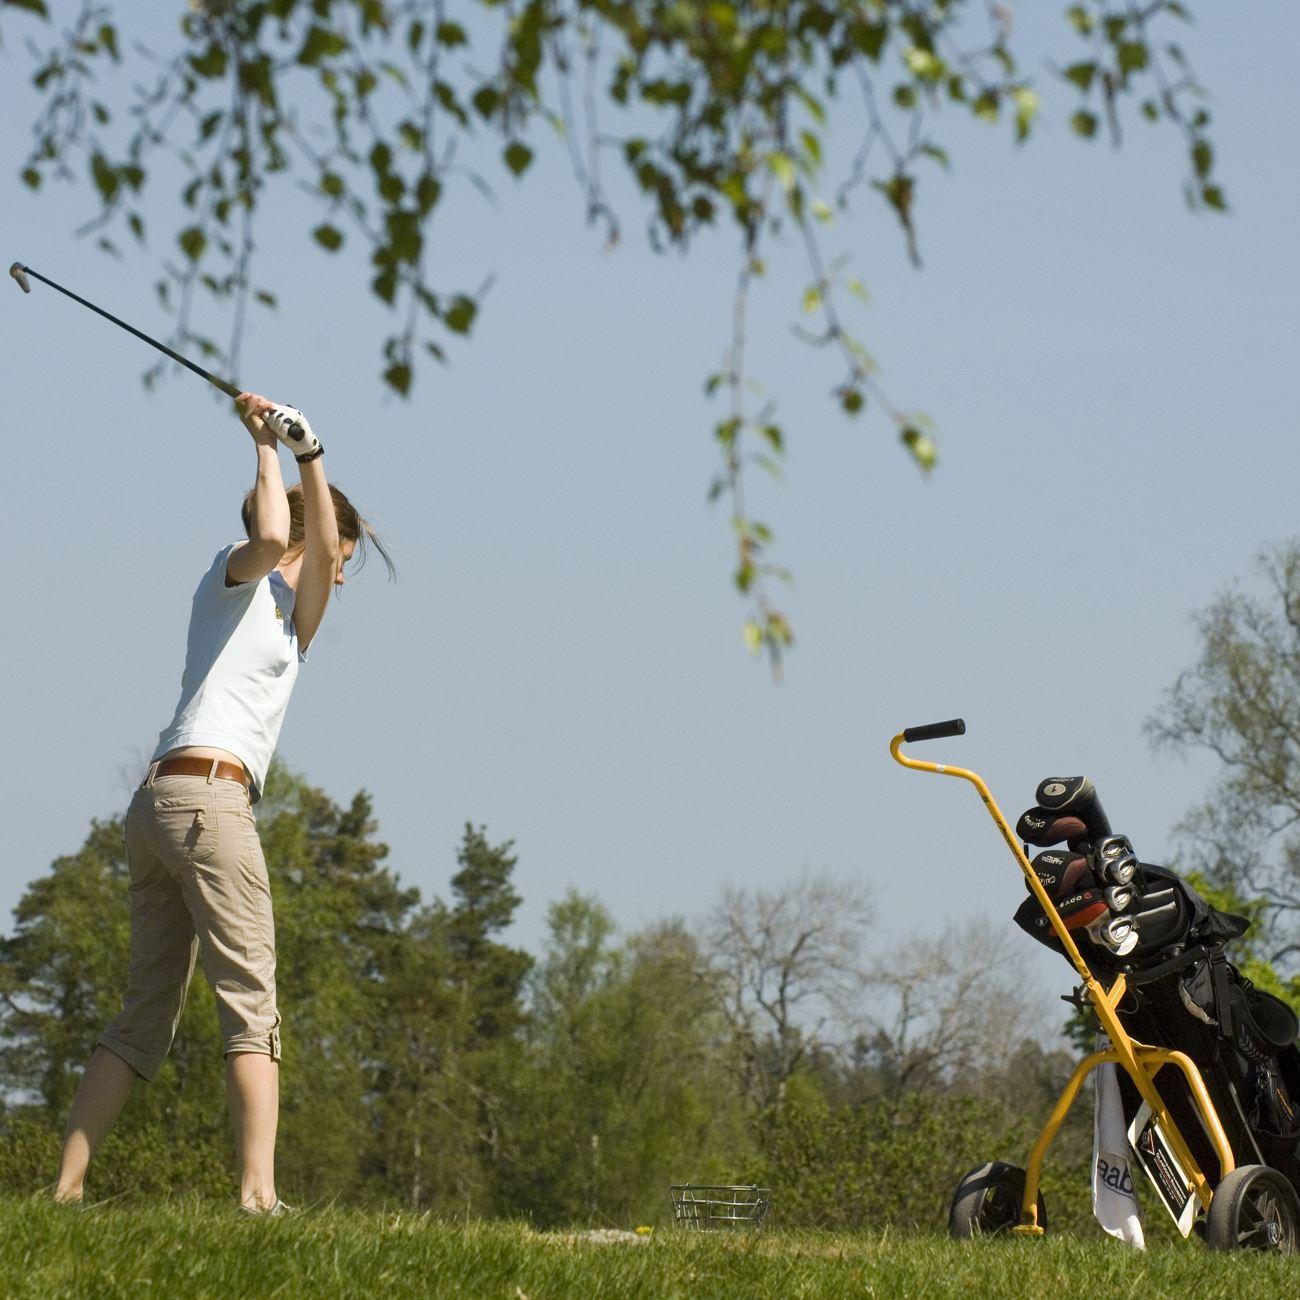 Smålandsbilder.se,  © Värnamo Näringsliv AB , Lanna Golf Club